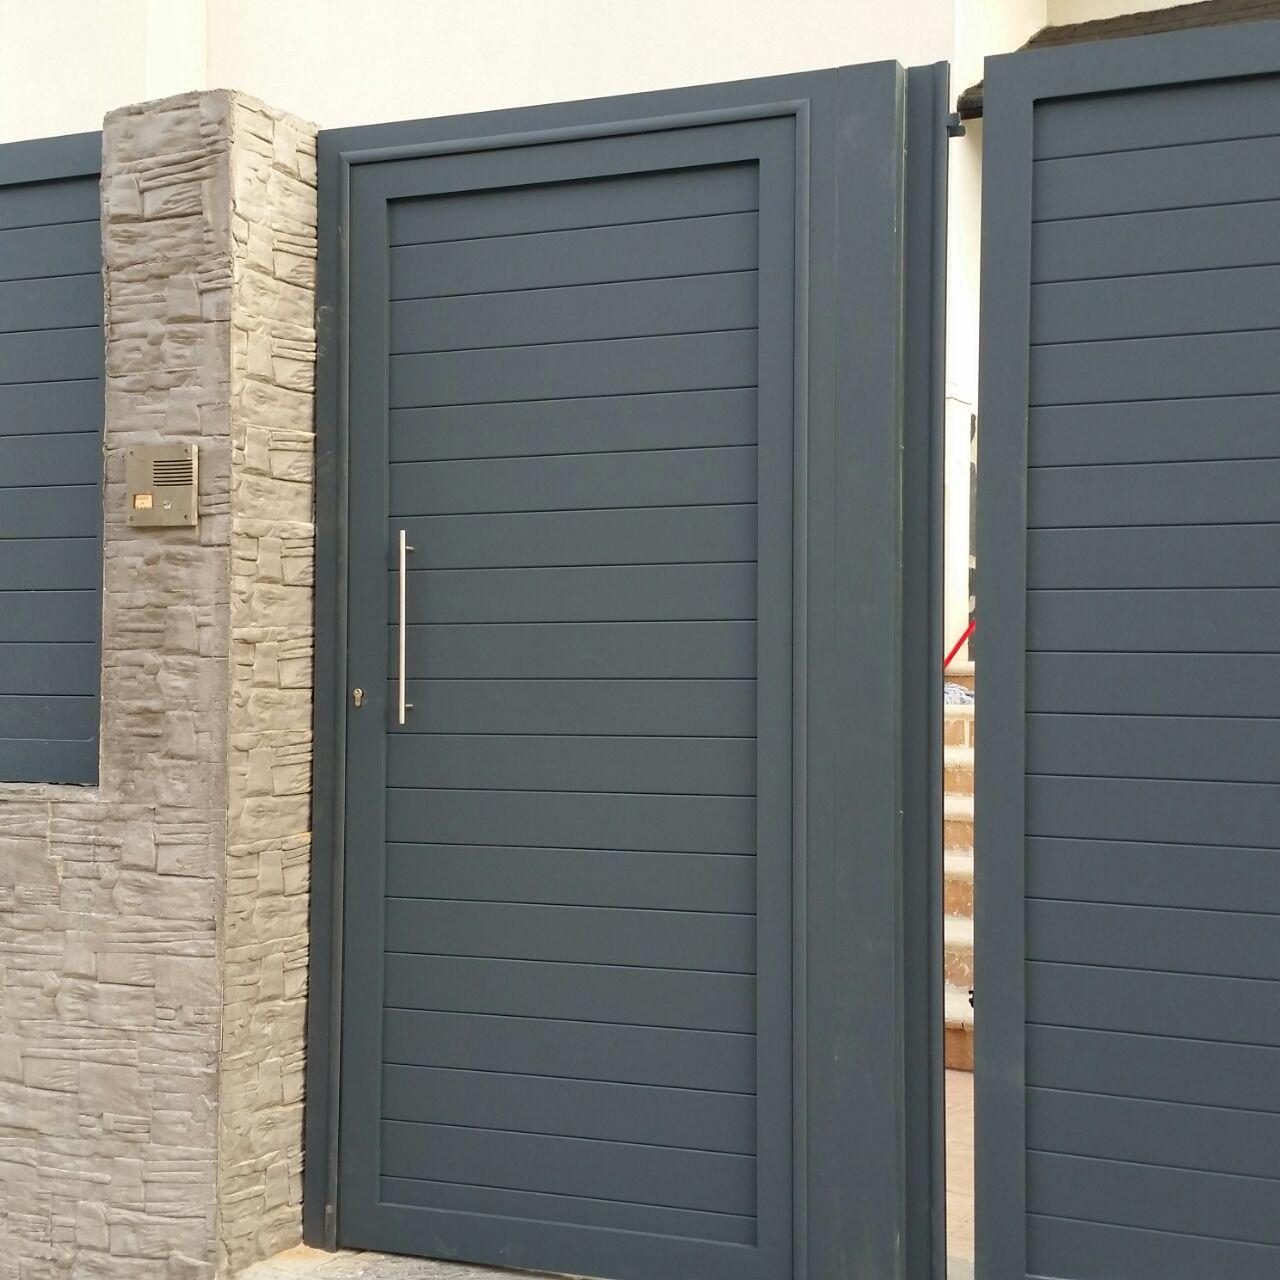 Puertas marver cancelas de aluminio soldado y puertas for Puerta zaguan aluminio